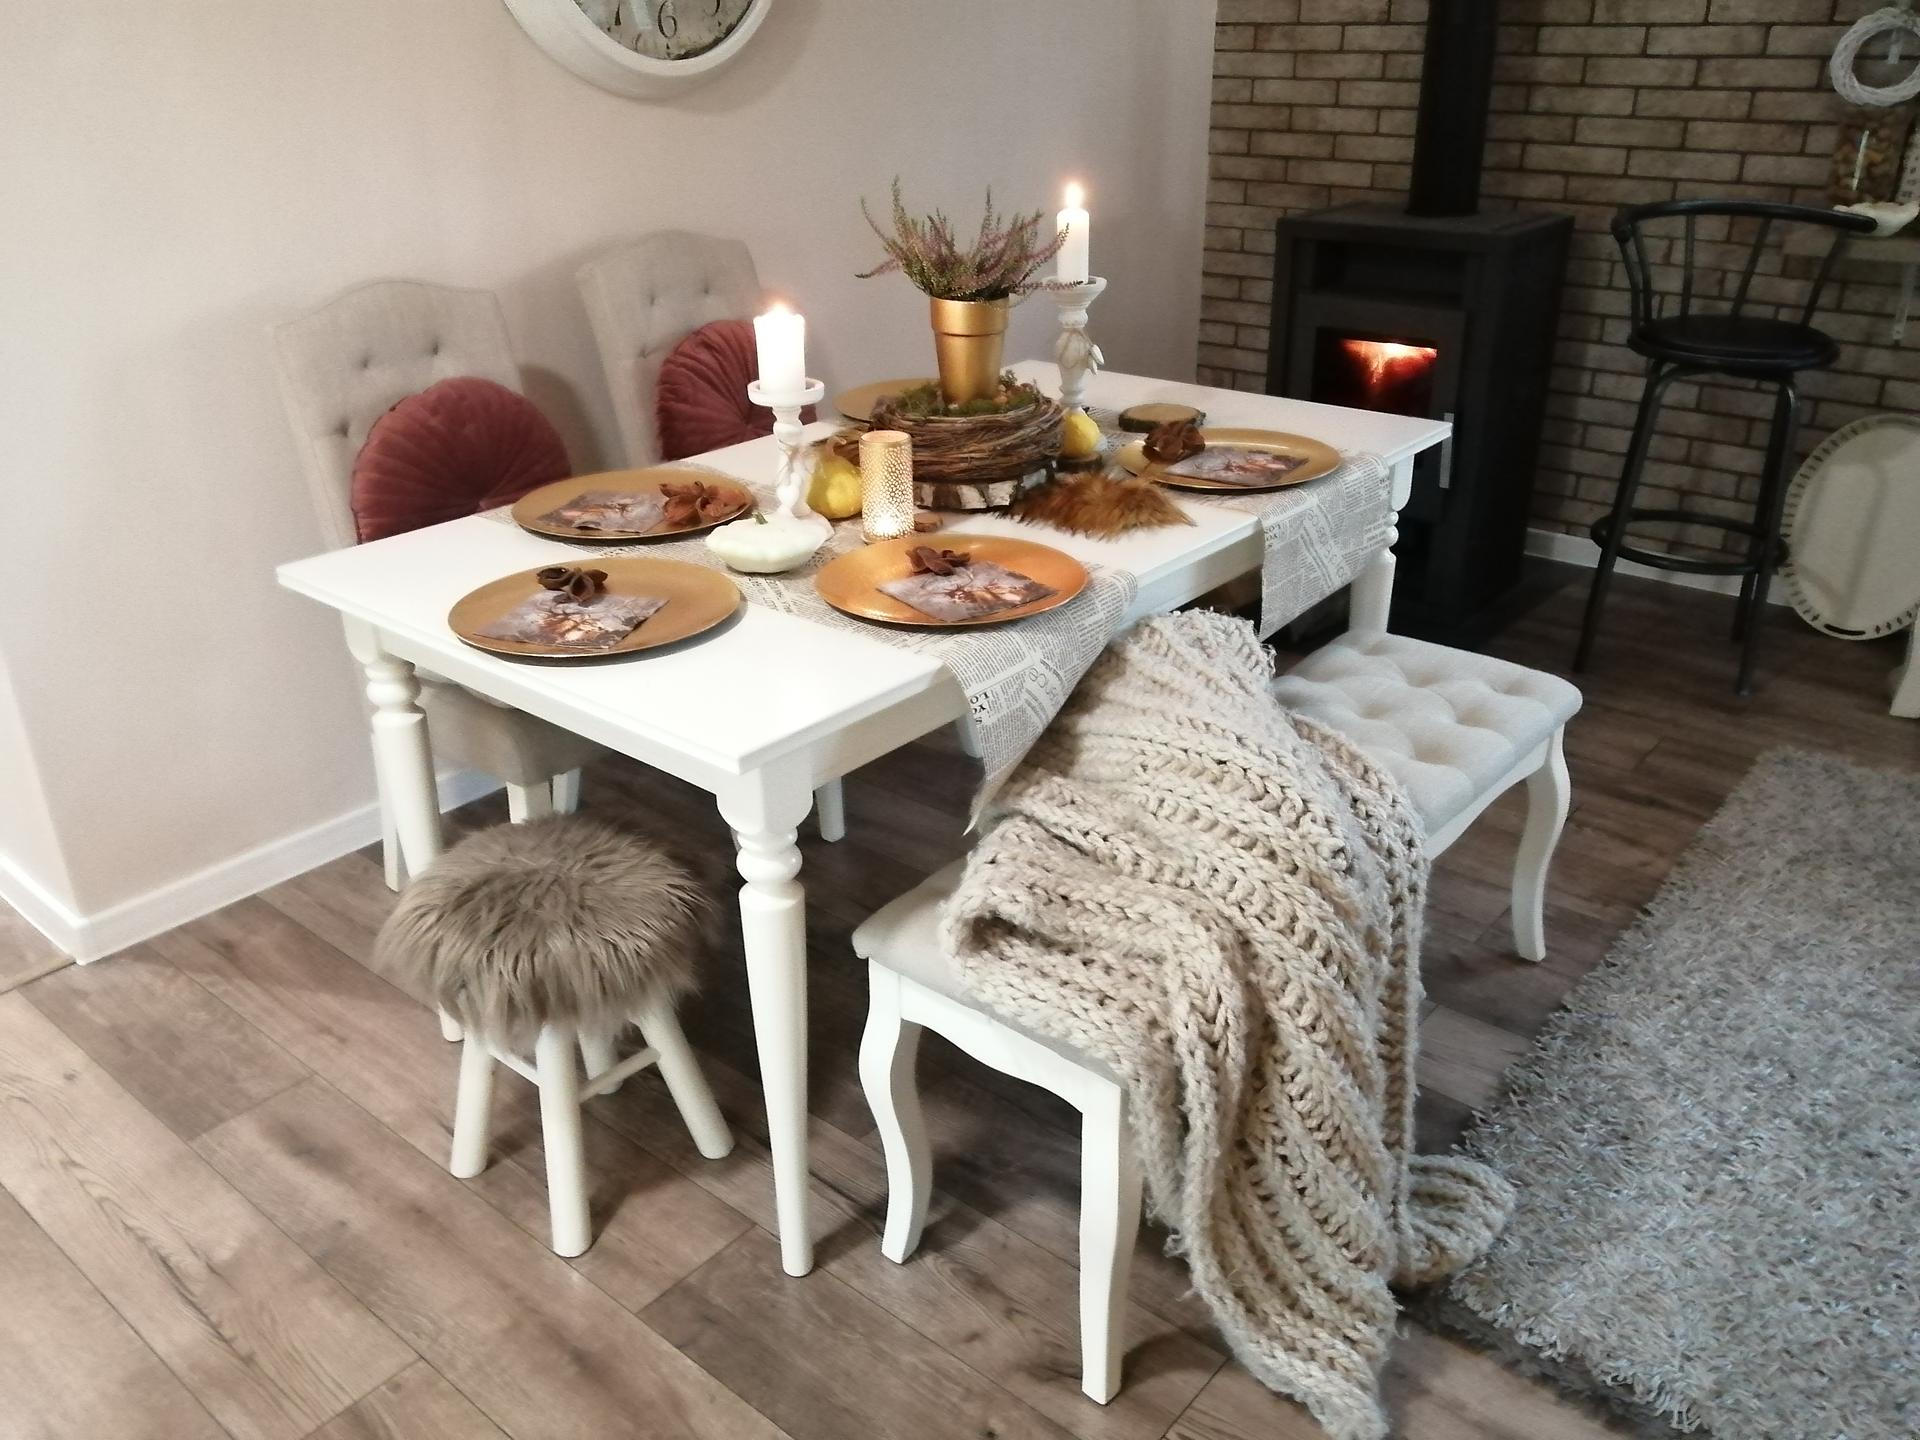 Naša jedáleň 🍂 - Obrázok č. 3